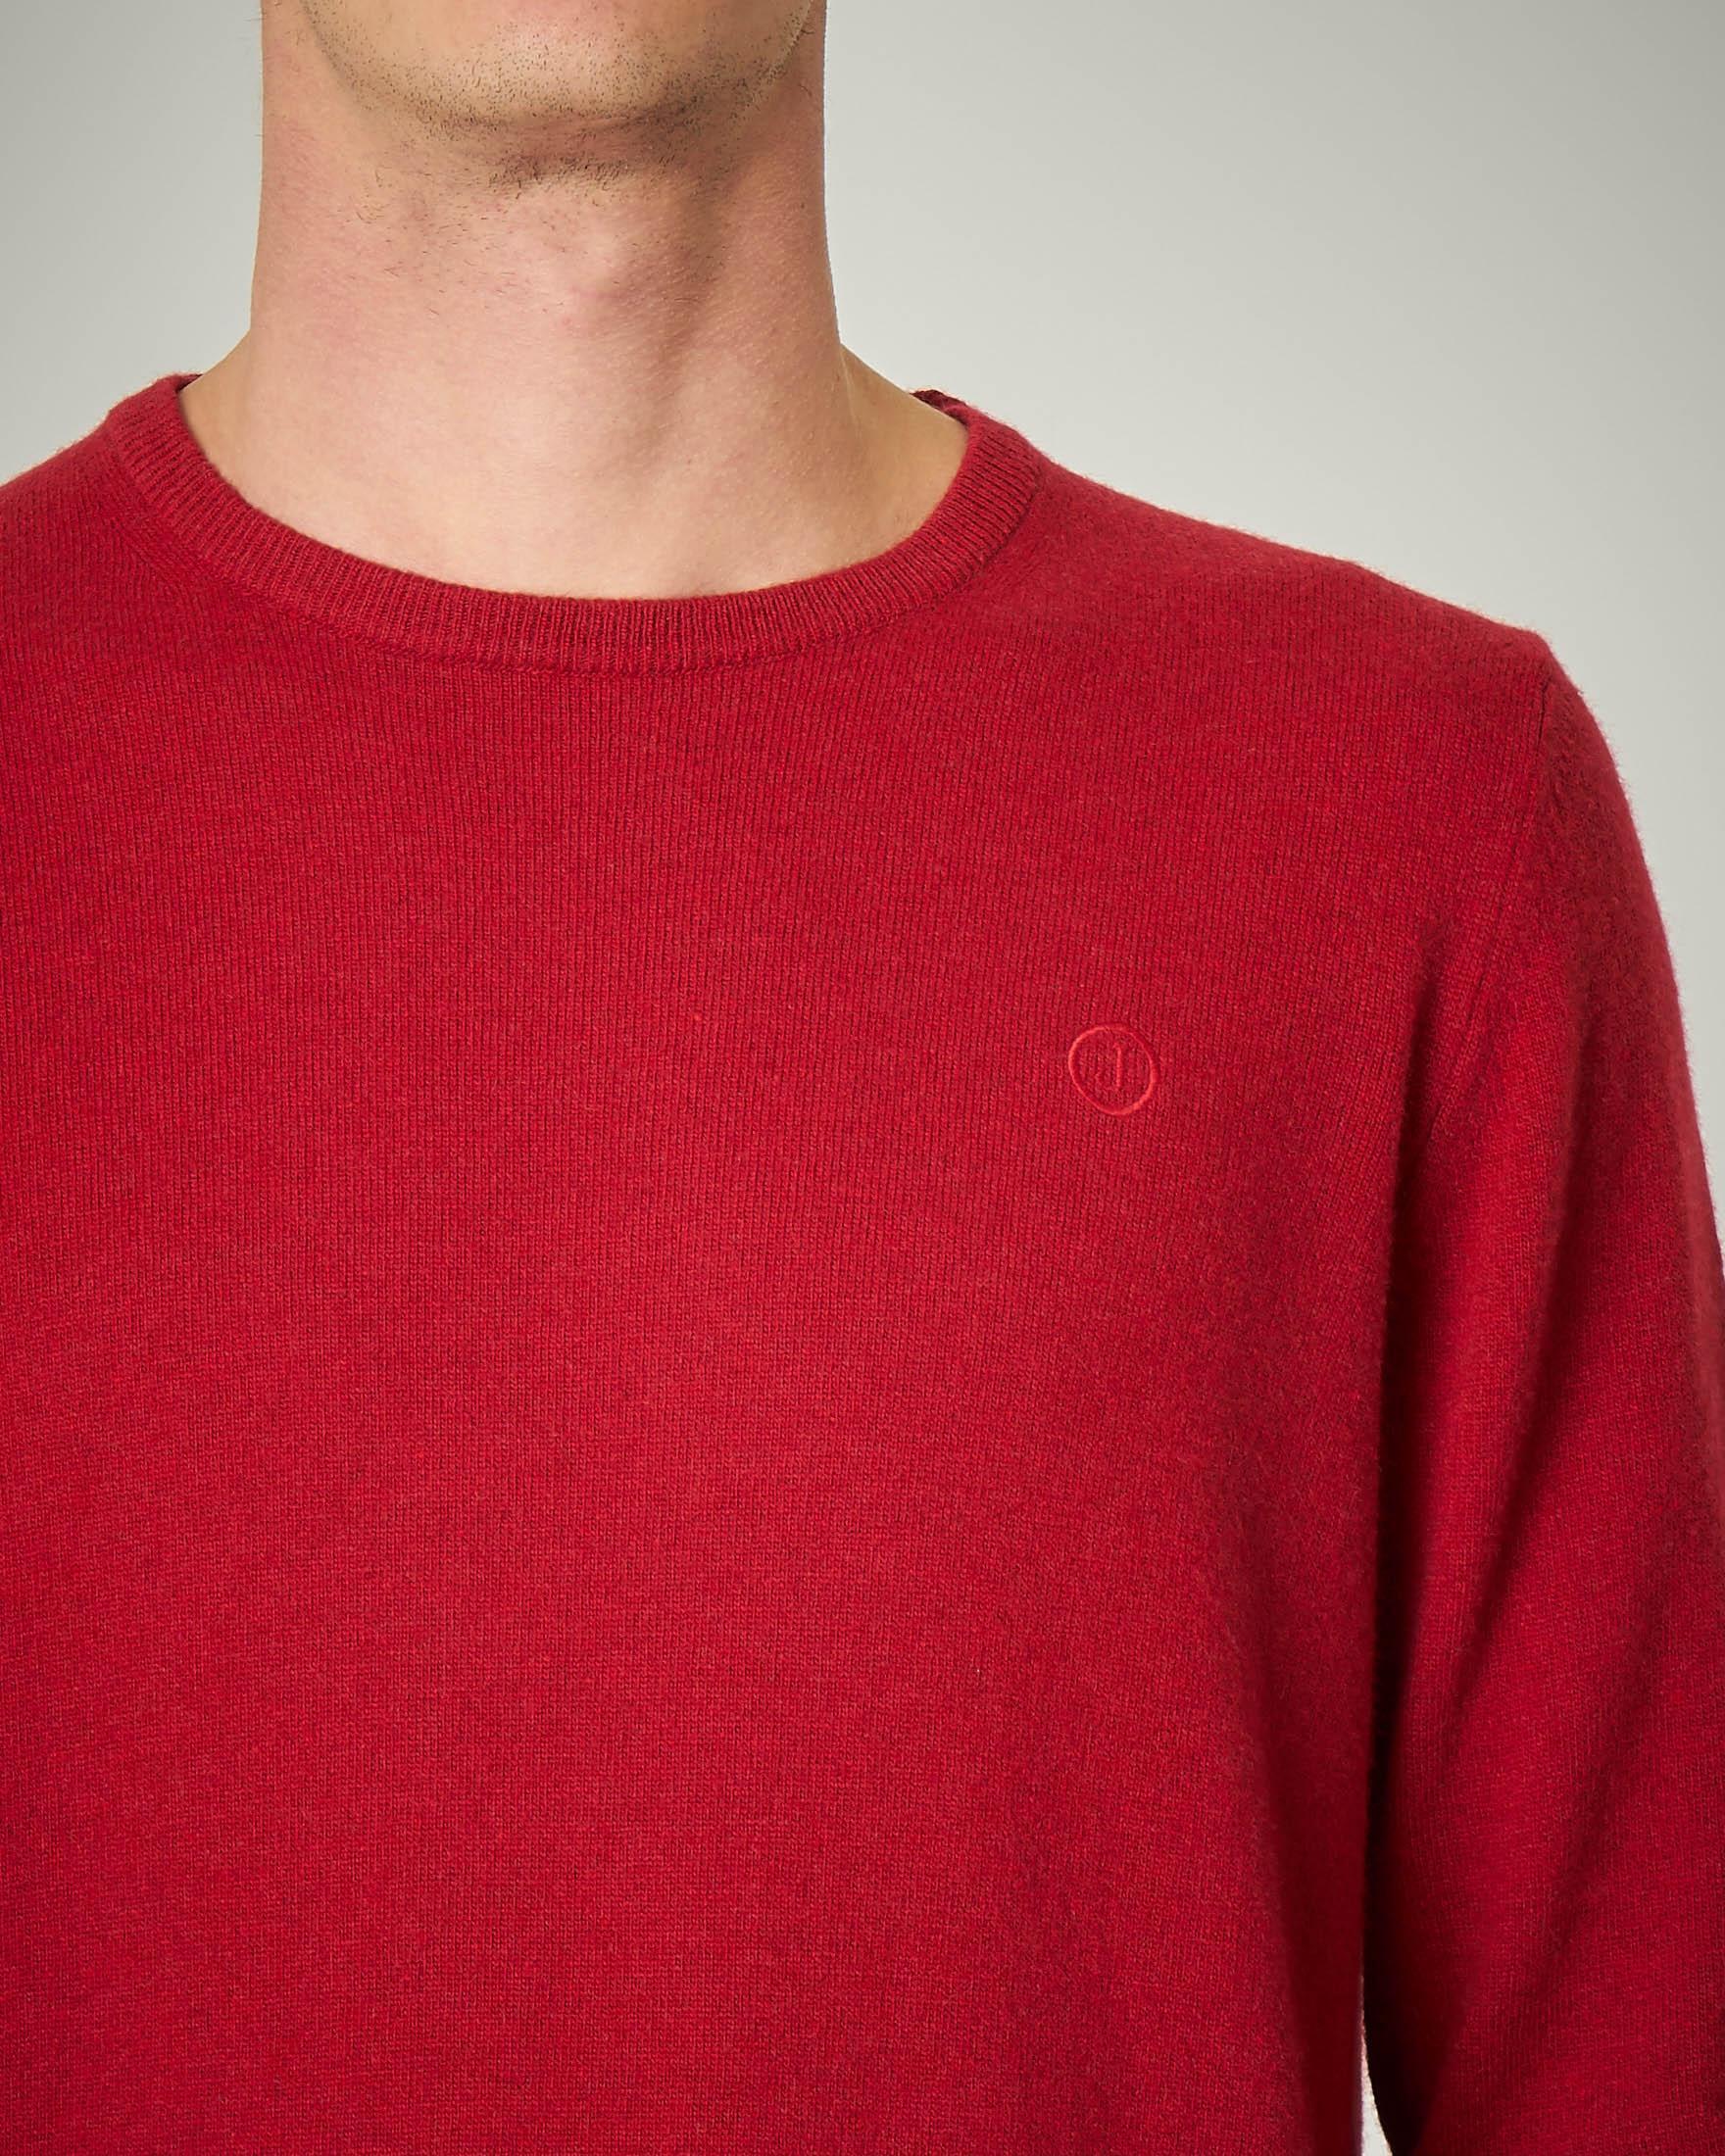 Maglia rossa girocollo con toppe grigie in contrasto